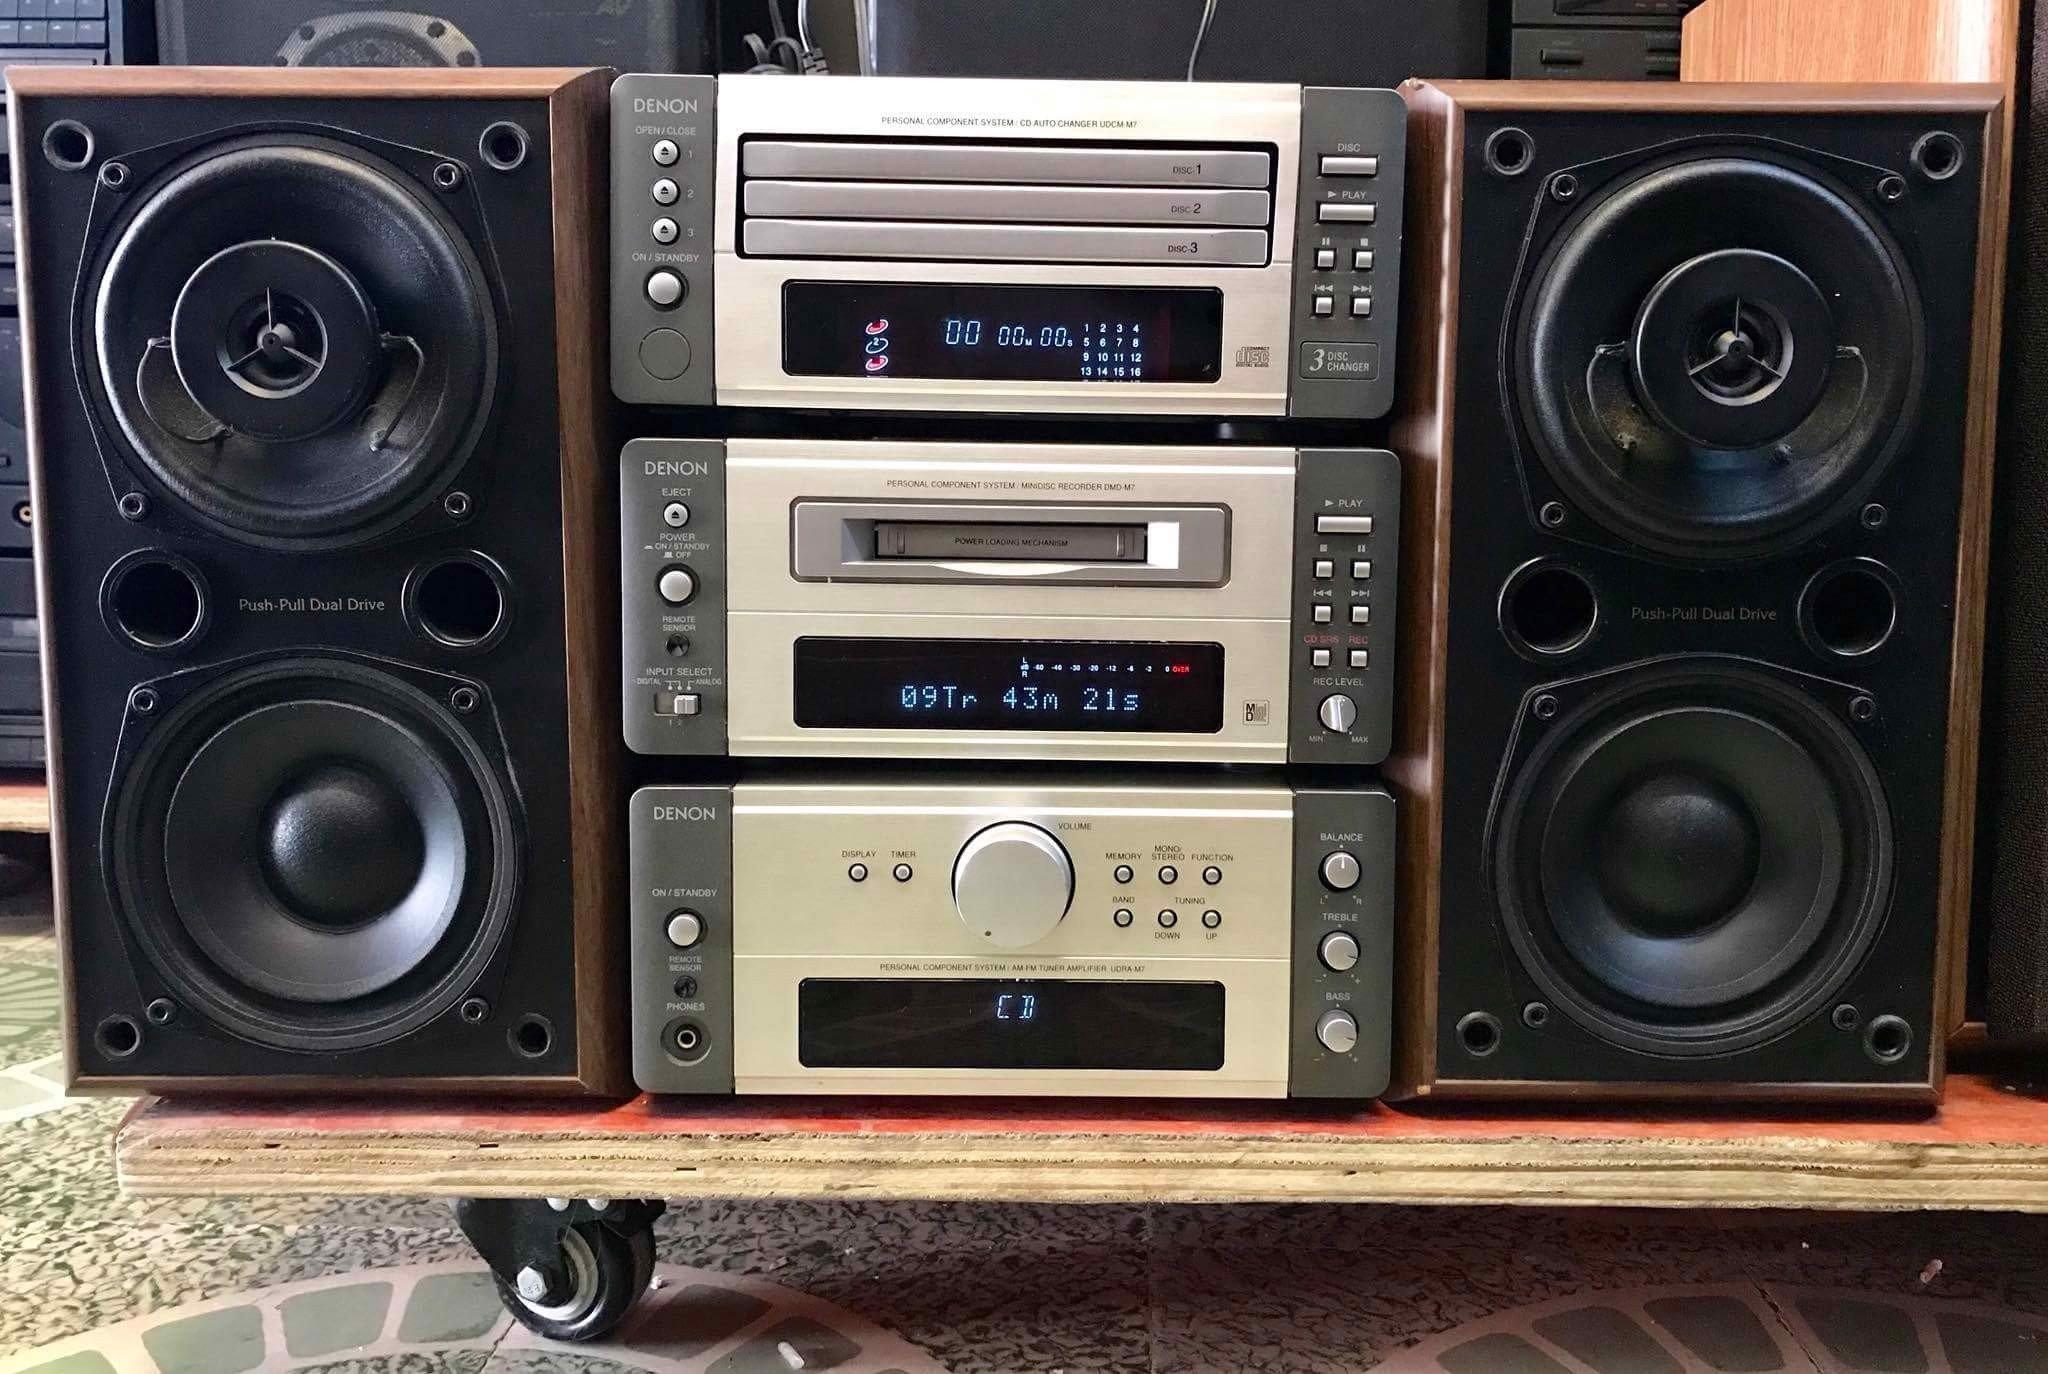 Dàn mini Nhật DENON M7 nguyên bản - Yến Âm Thanh Bãi – Dàn Bãi Nhật & Đĩa  CD Gốc